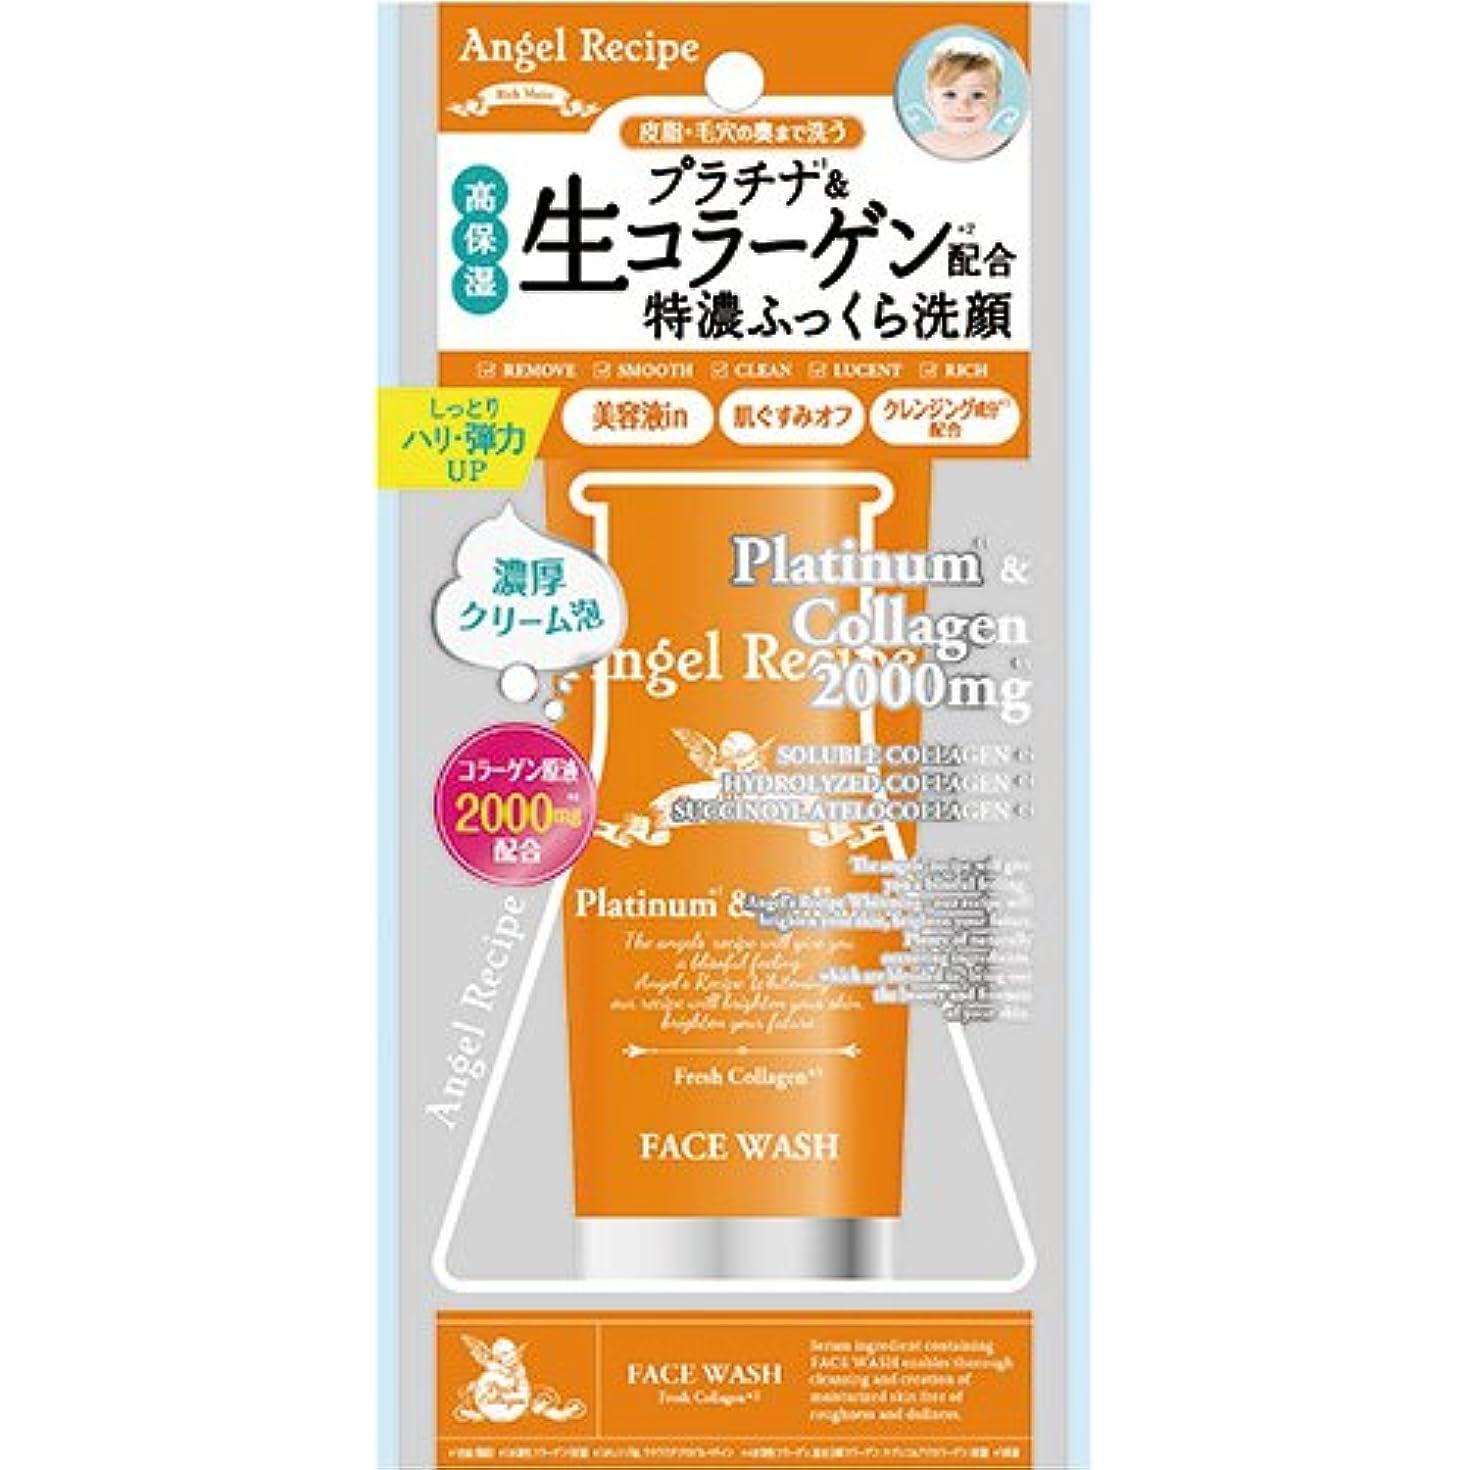 ウォーターフロントクランプブランドAngelRecipe エンジェルレシピ リッチモイスト 洗顔フォーム 90g